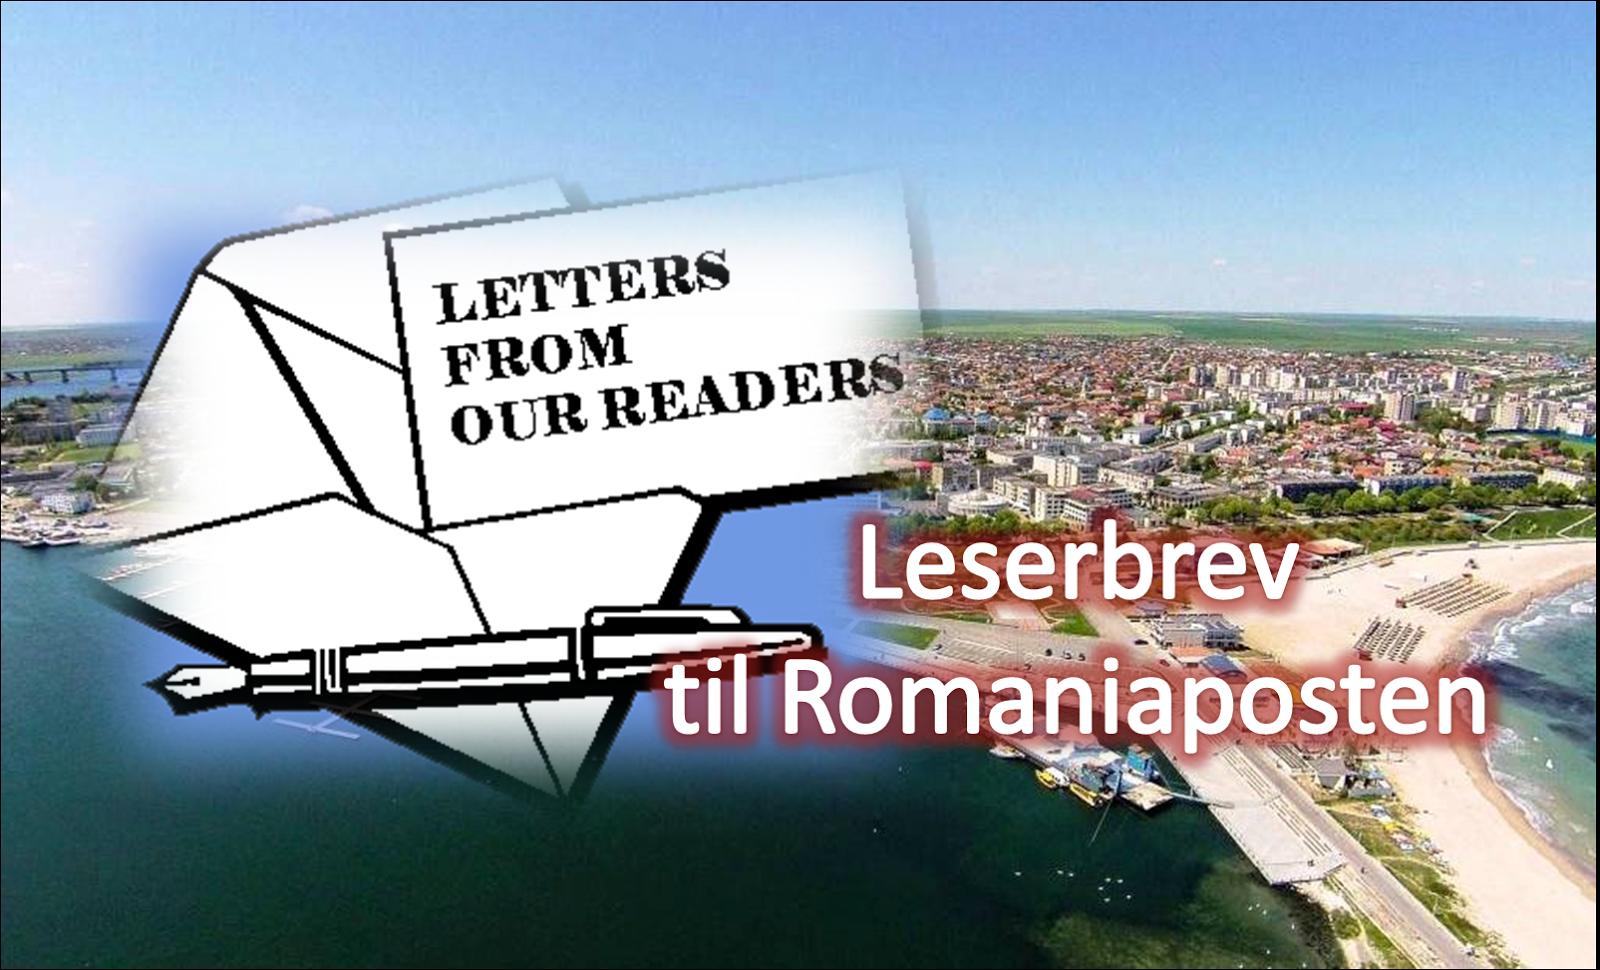 LESERBREV TIL ROMANIAPOSTEN | SPØRSMÅL OG SVAR